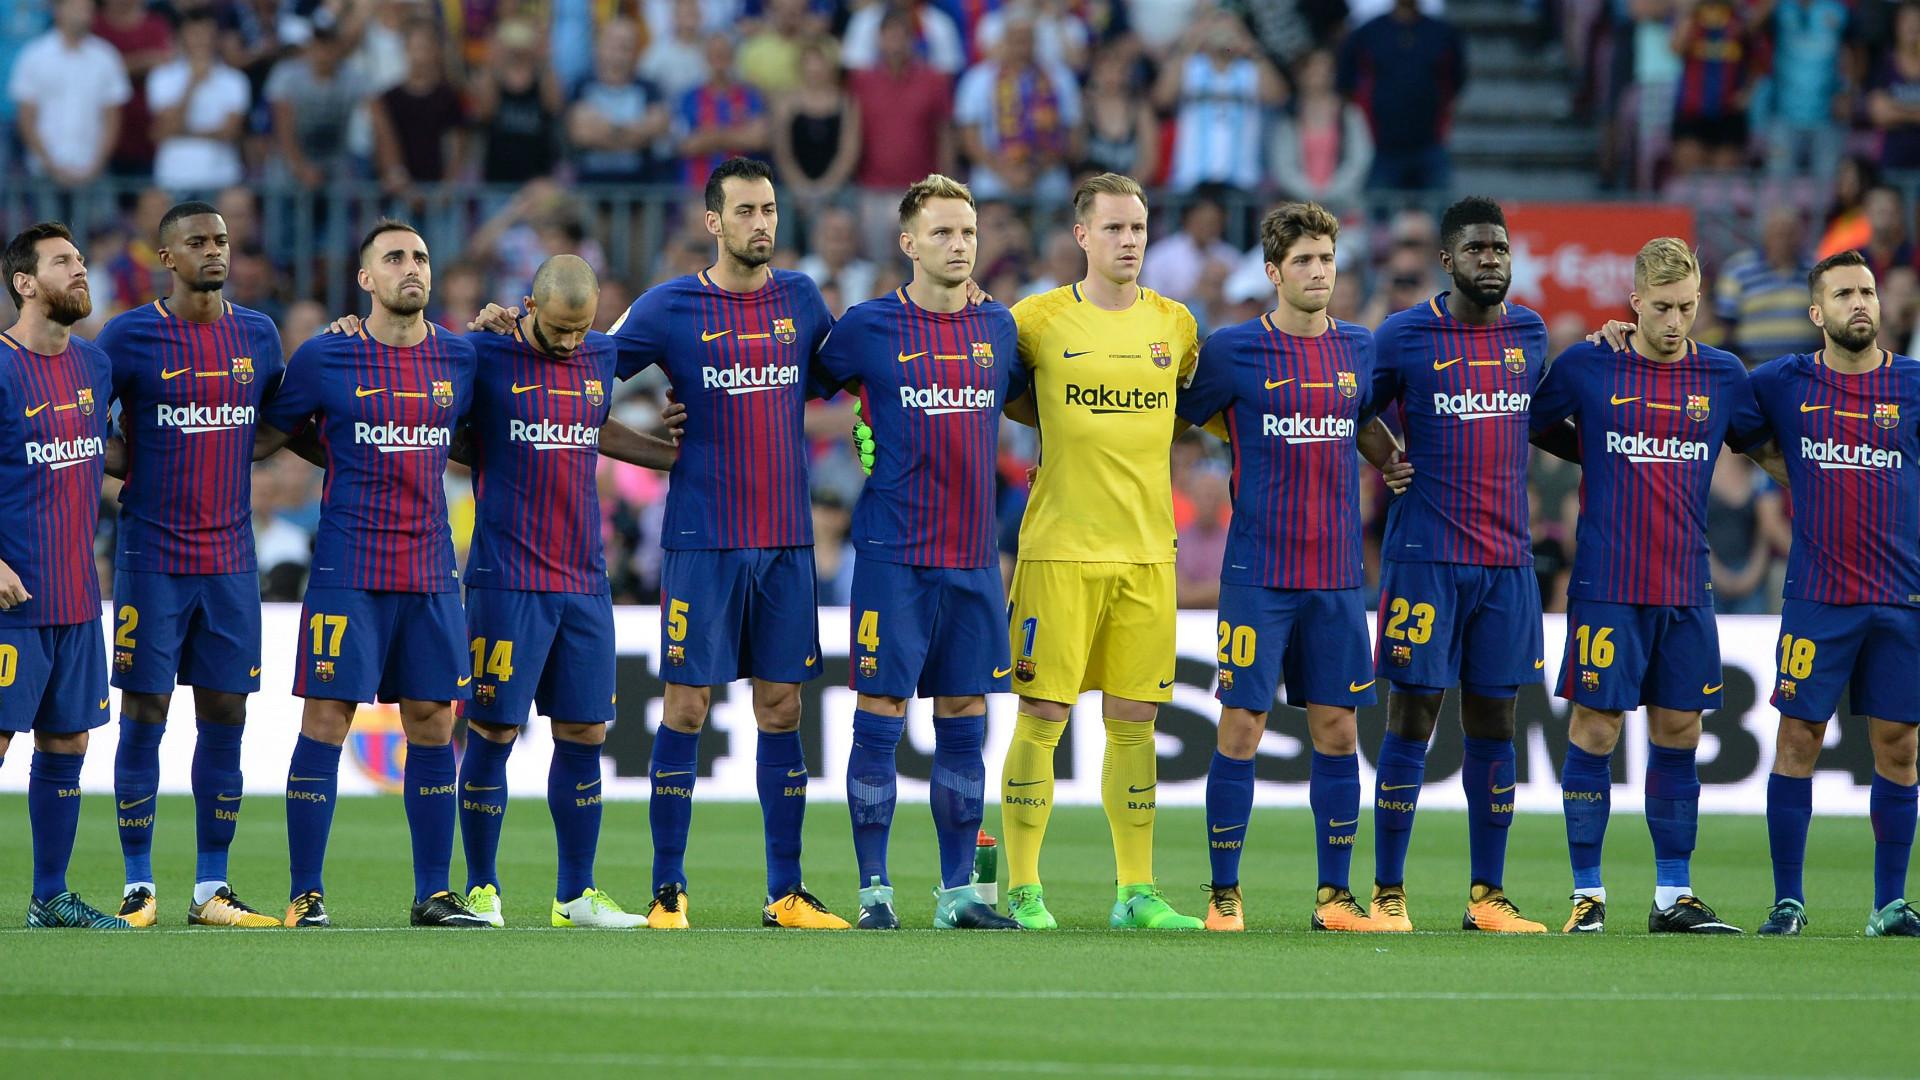 صور صور فريق برشلونة , اجدد صور للنادي الاسباني الكاتلوني